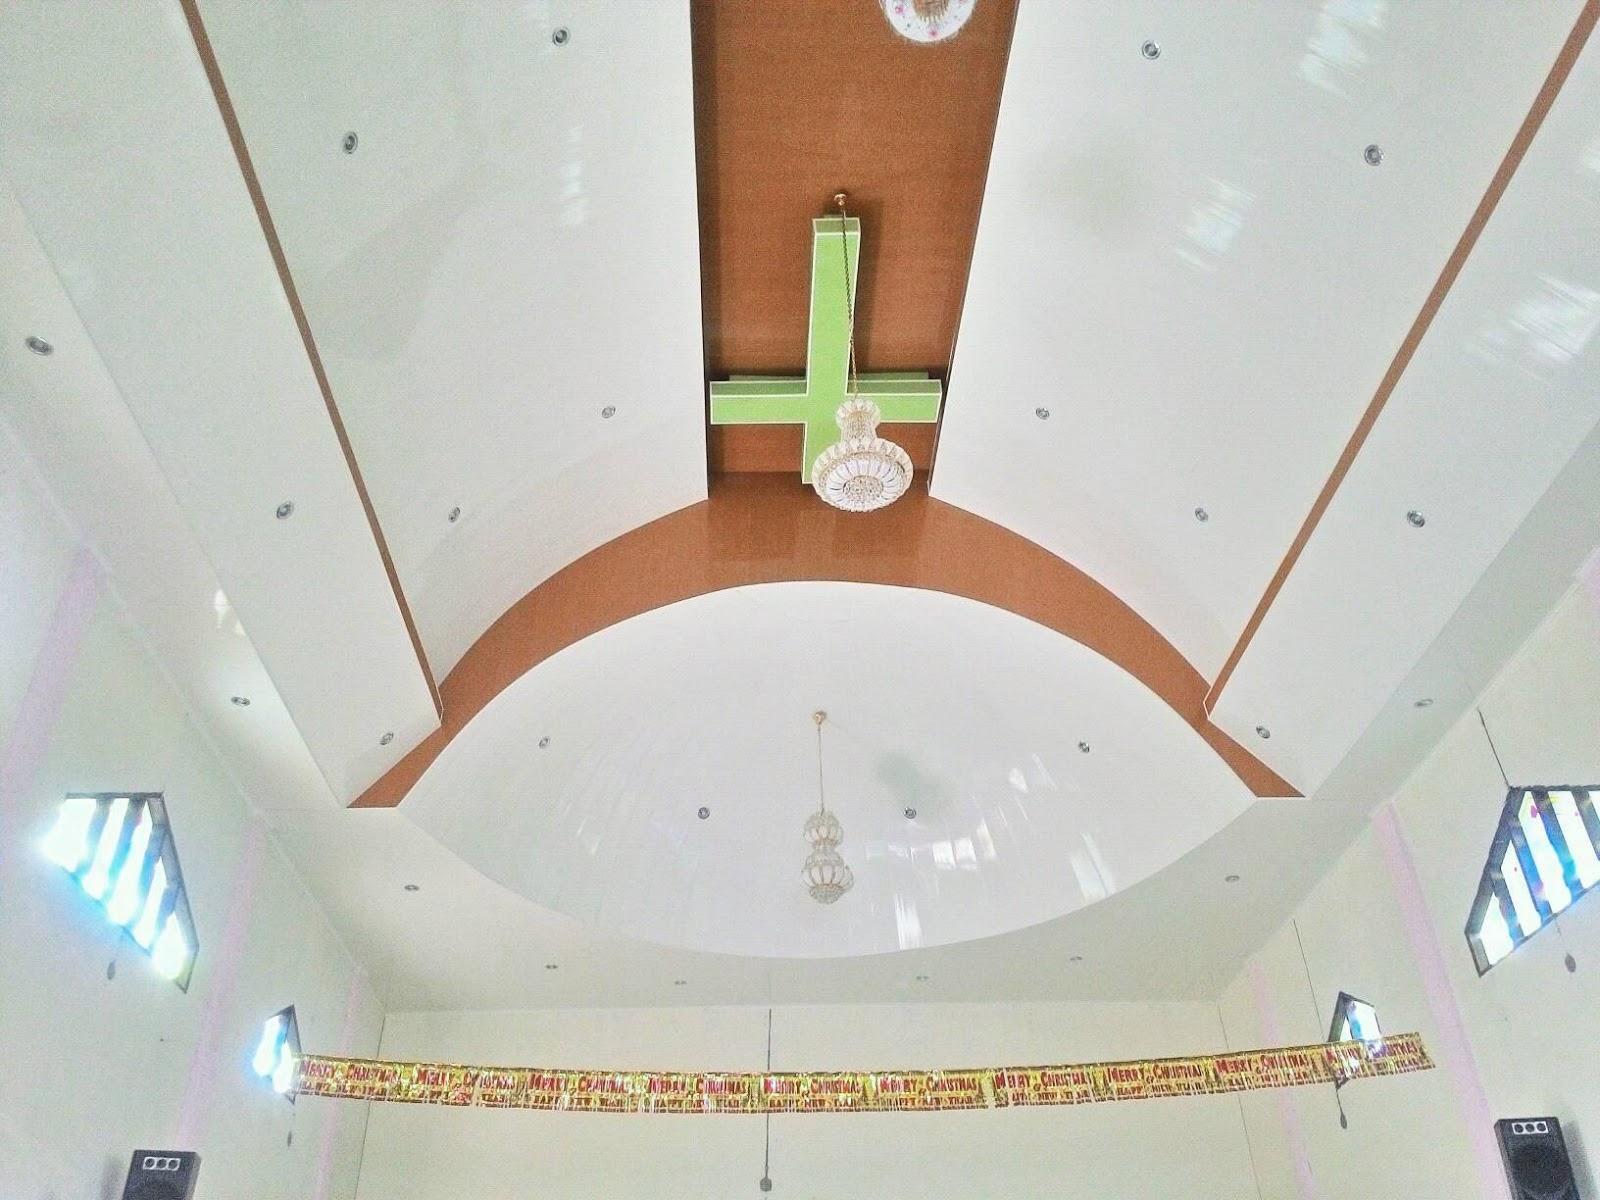 Harvest Plafon PVC Pemasangan HarVest Plafon PVC Di Gereja GKPI